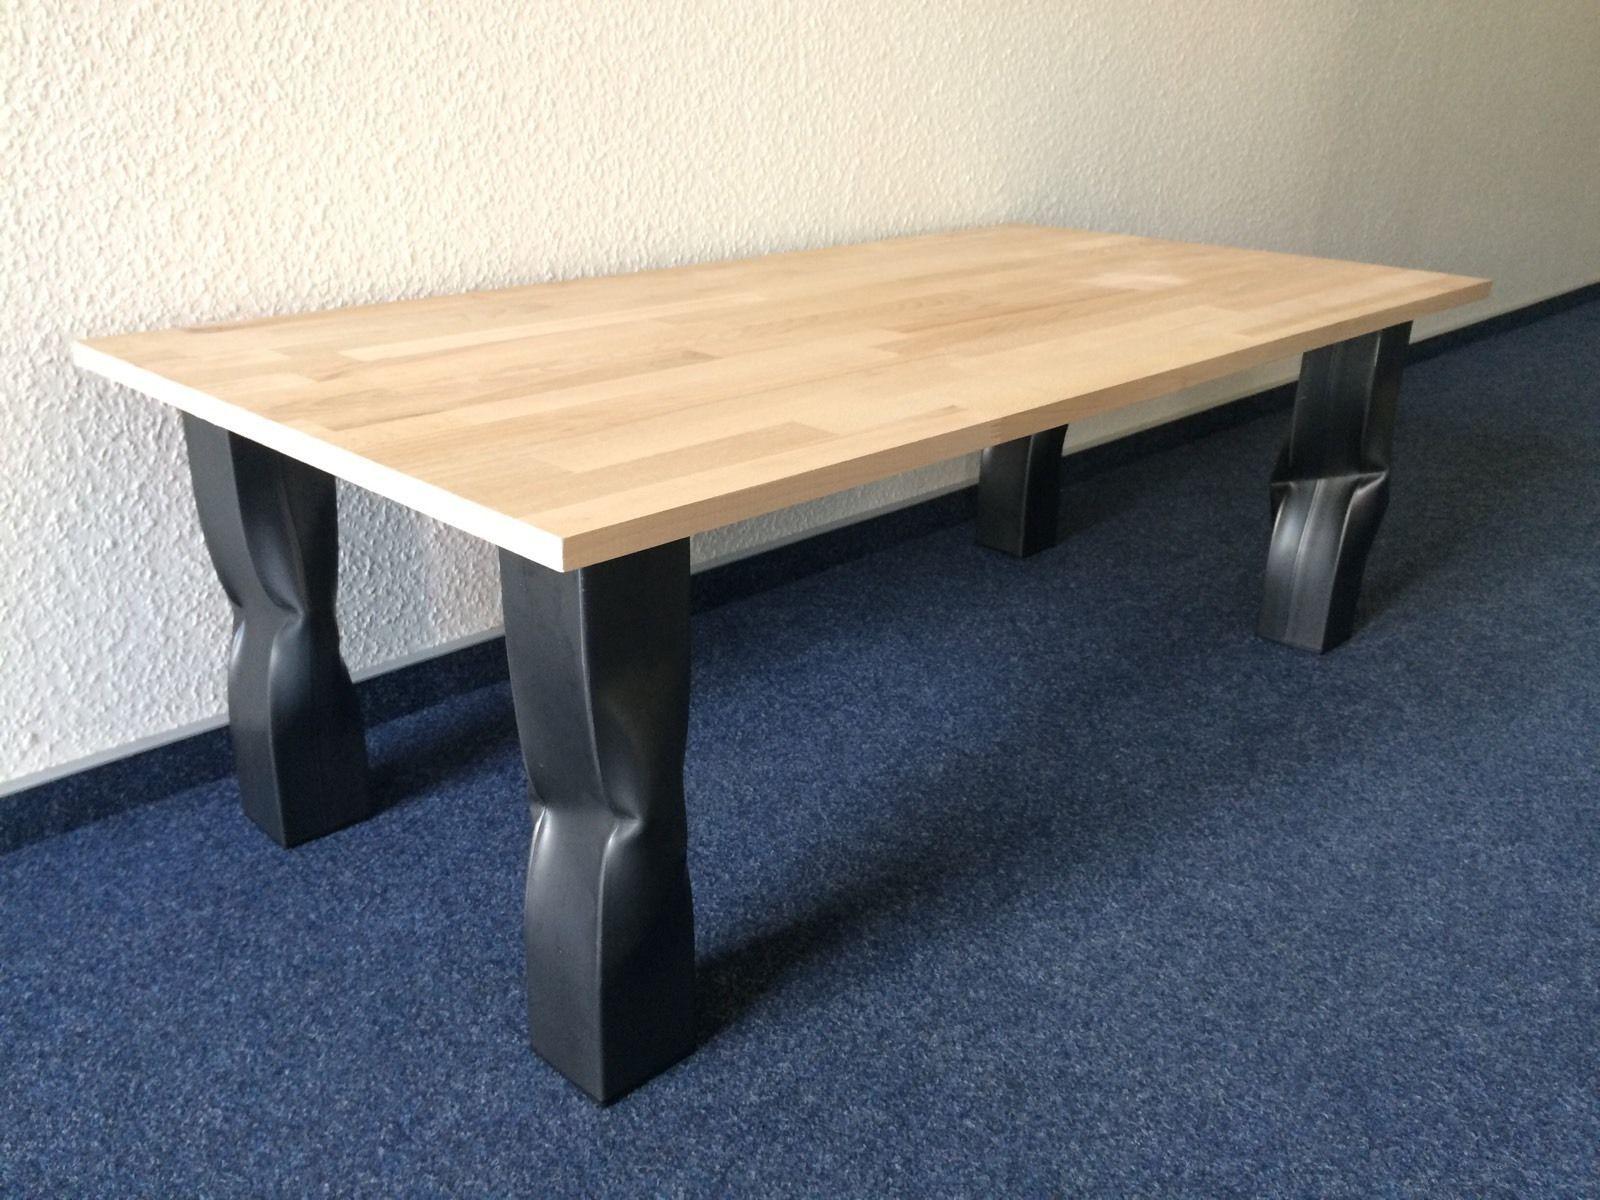 Tischbeine rohr knick bruised design tisch tischgestell for Design tisch edelstahl